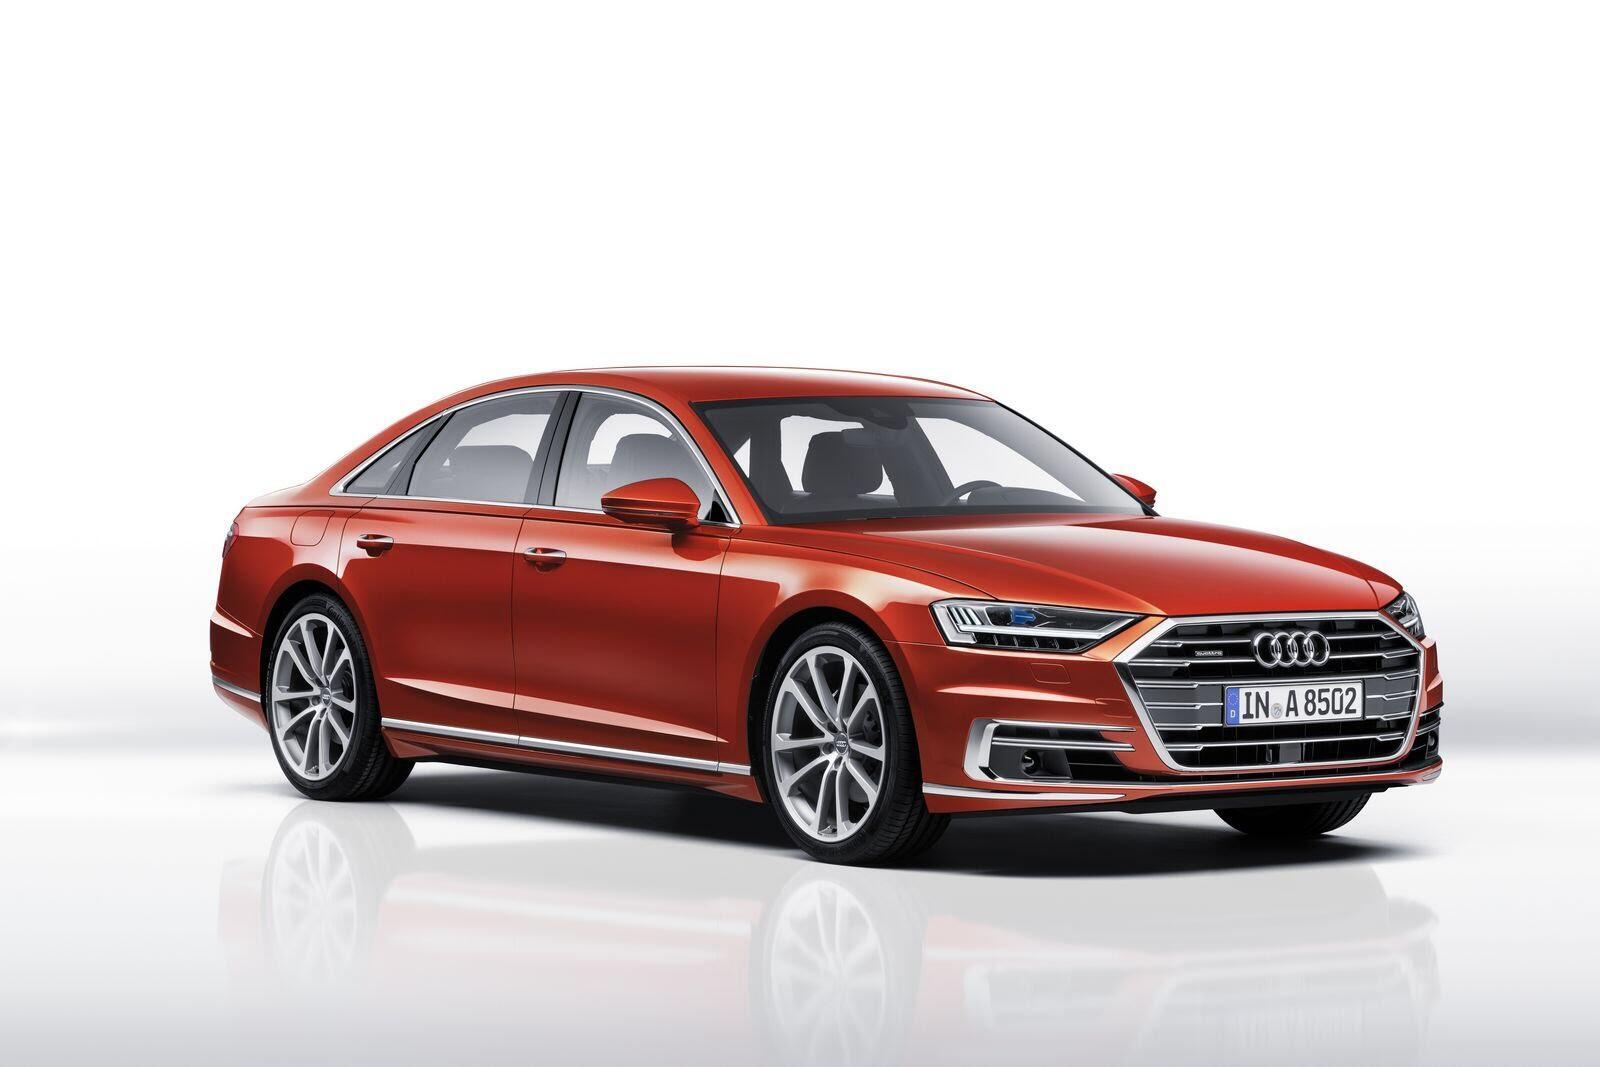 Audi A8 hoàn toàn mới chính thức ra mắt với đầy ắp công nghệ - Hình 18